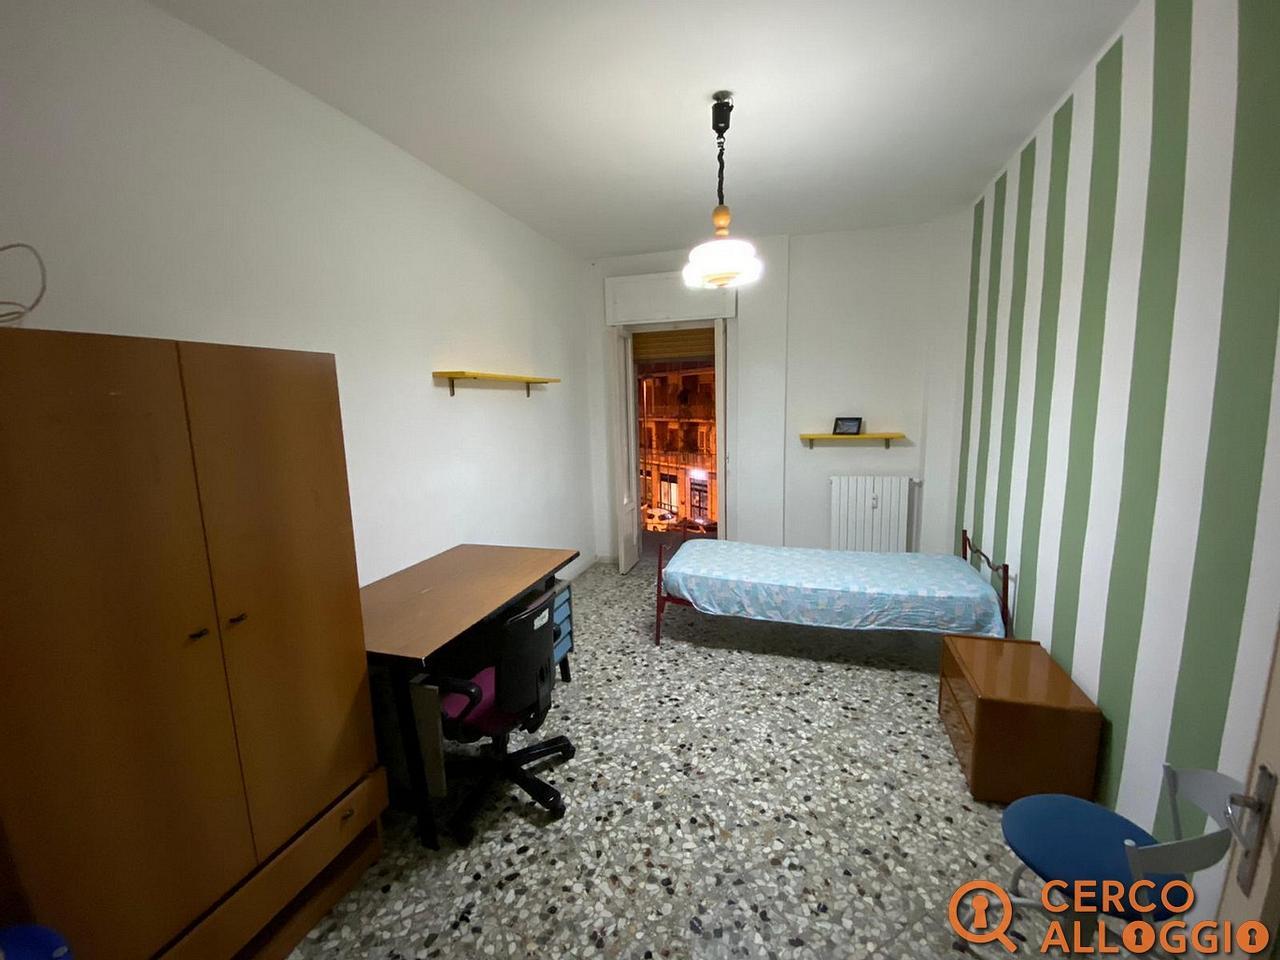 Copertina camera in affitto a Bari